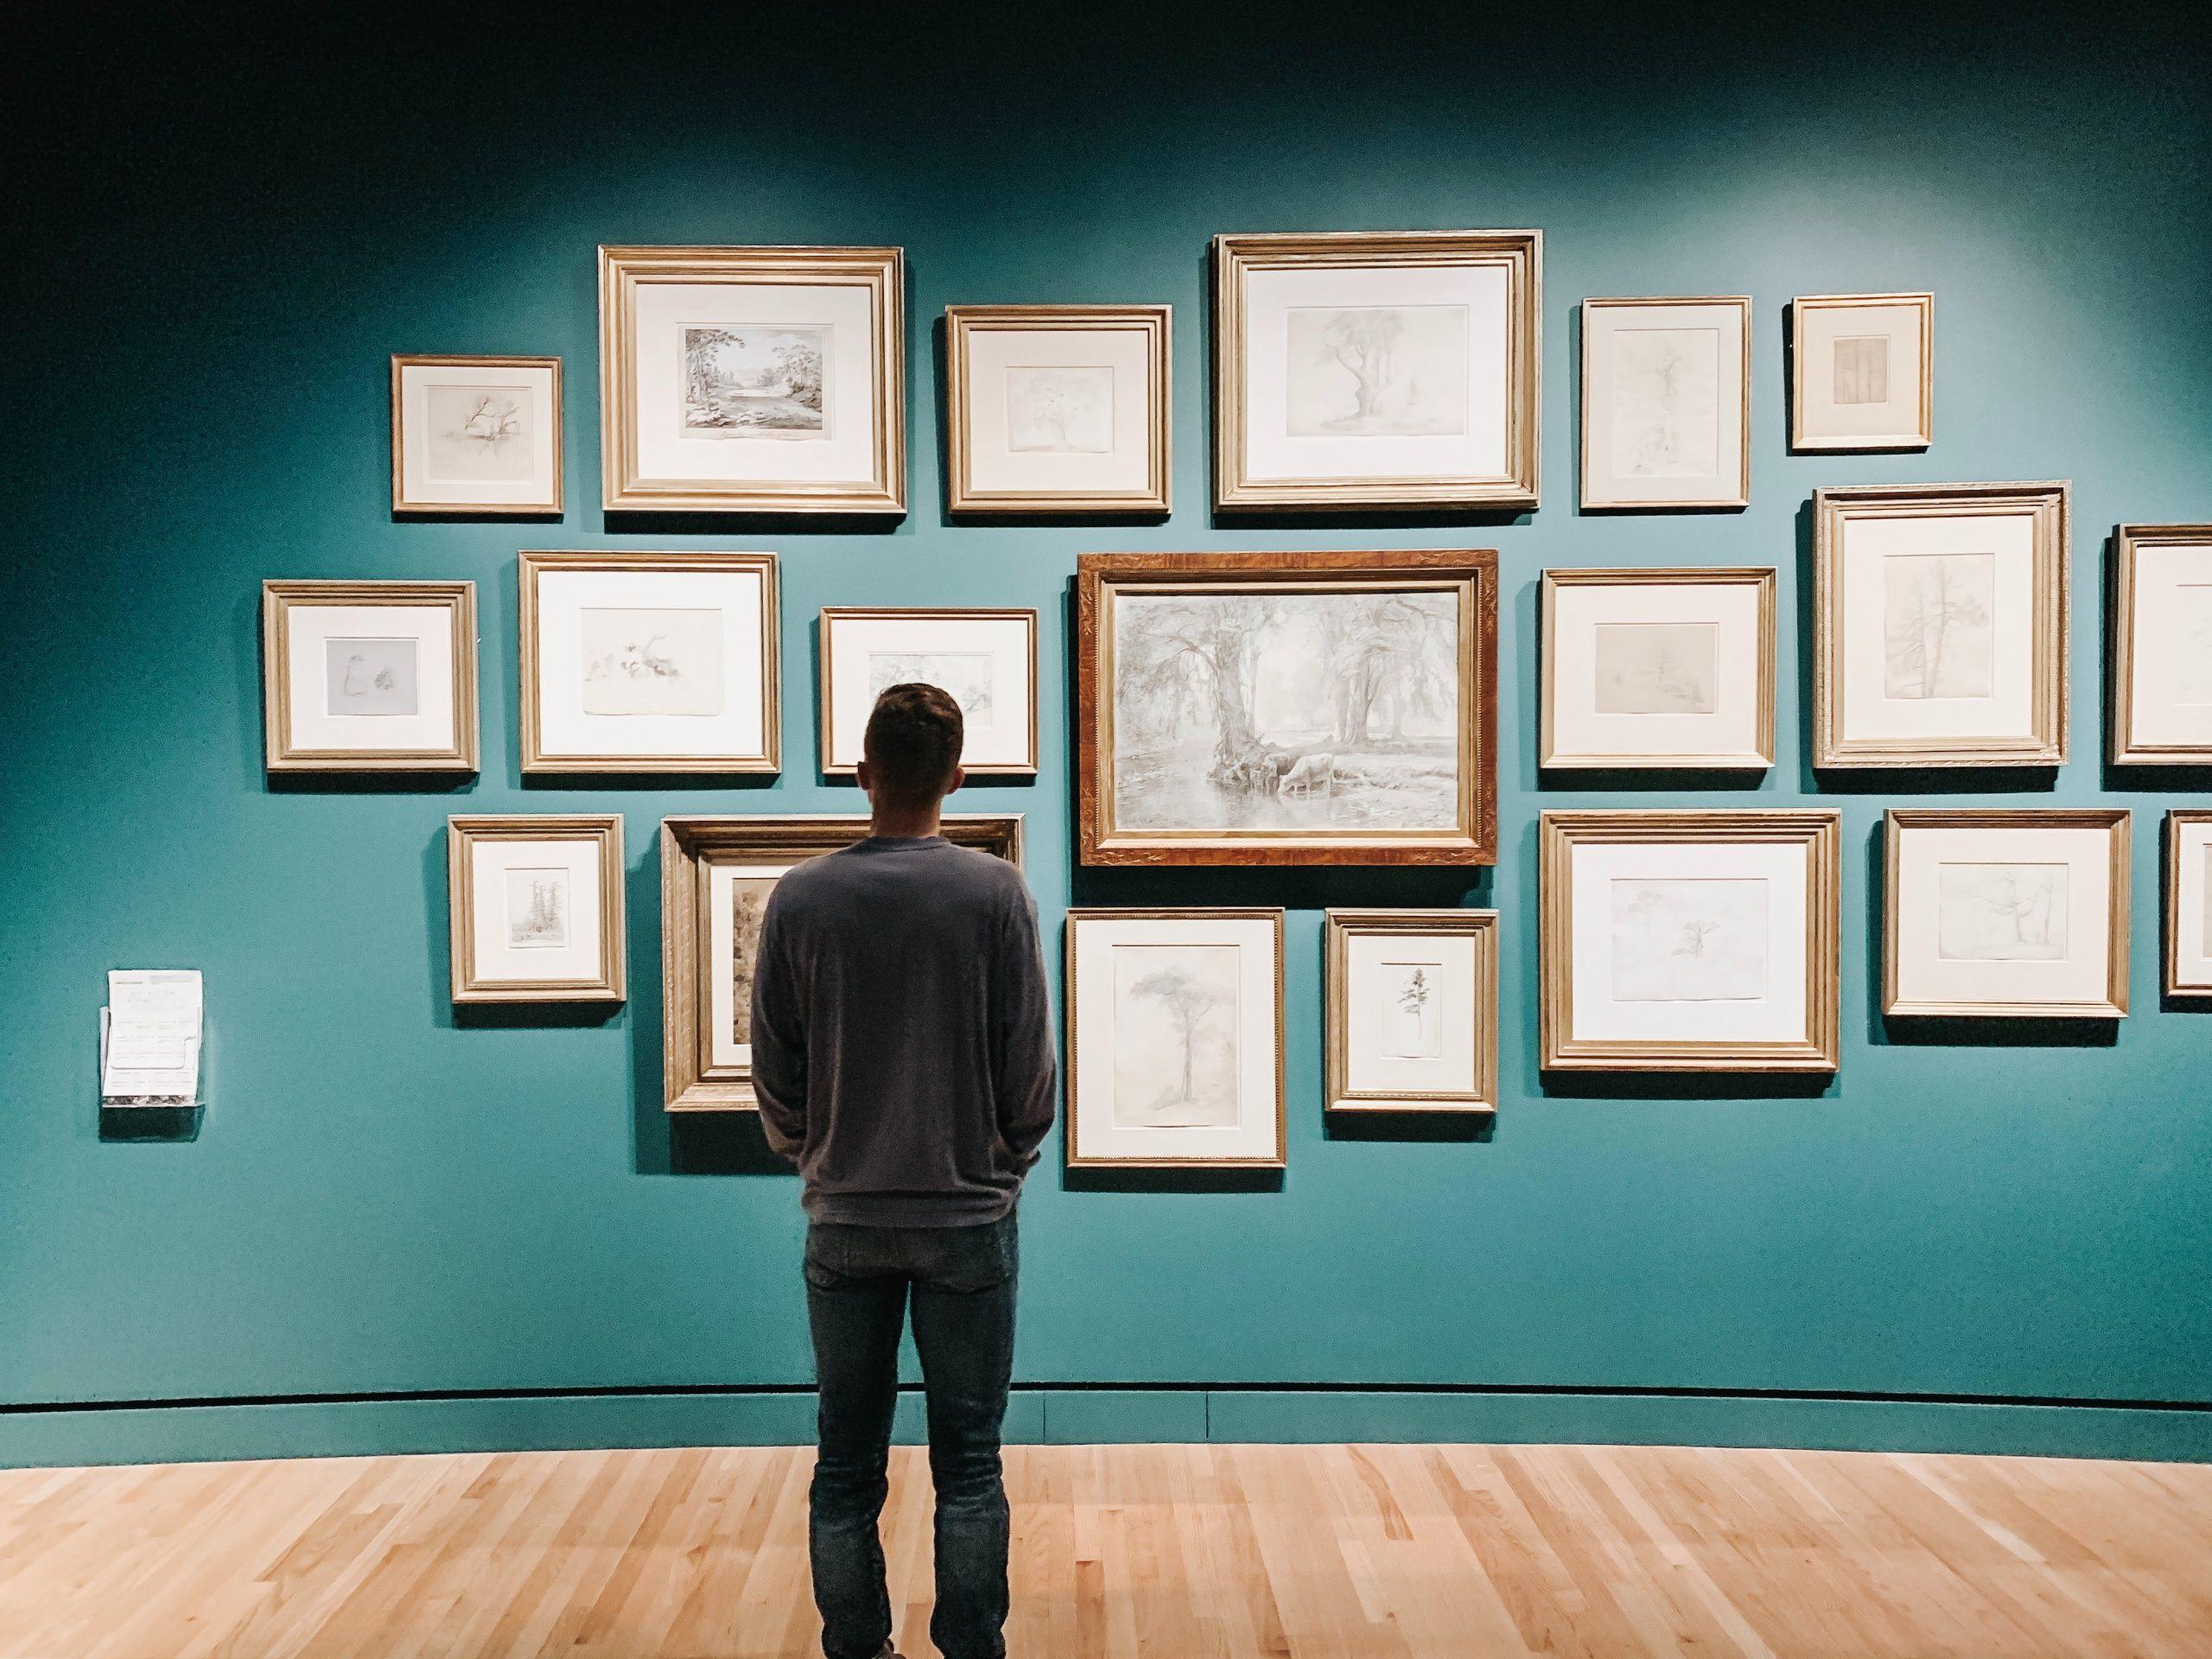 Créer des ponts à travers l'art